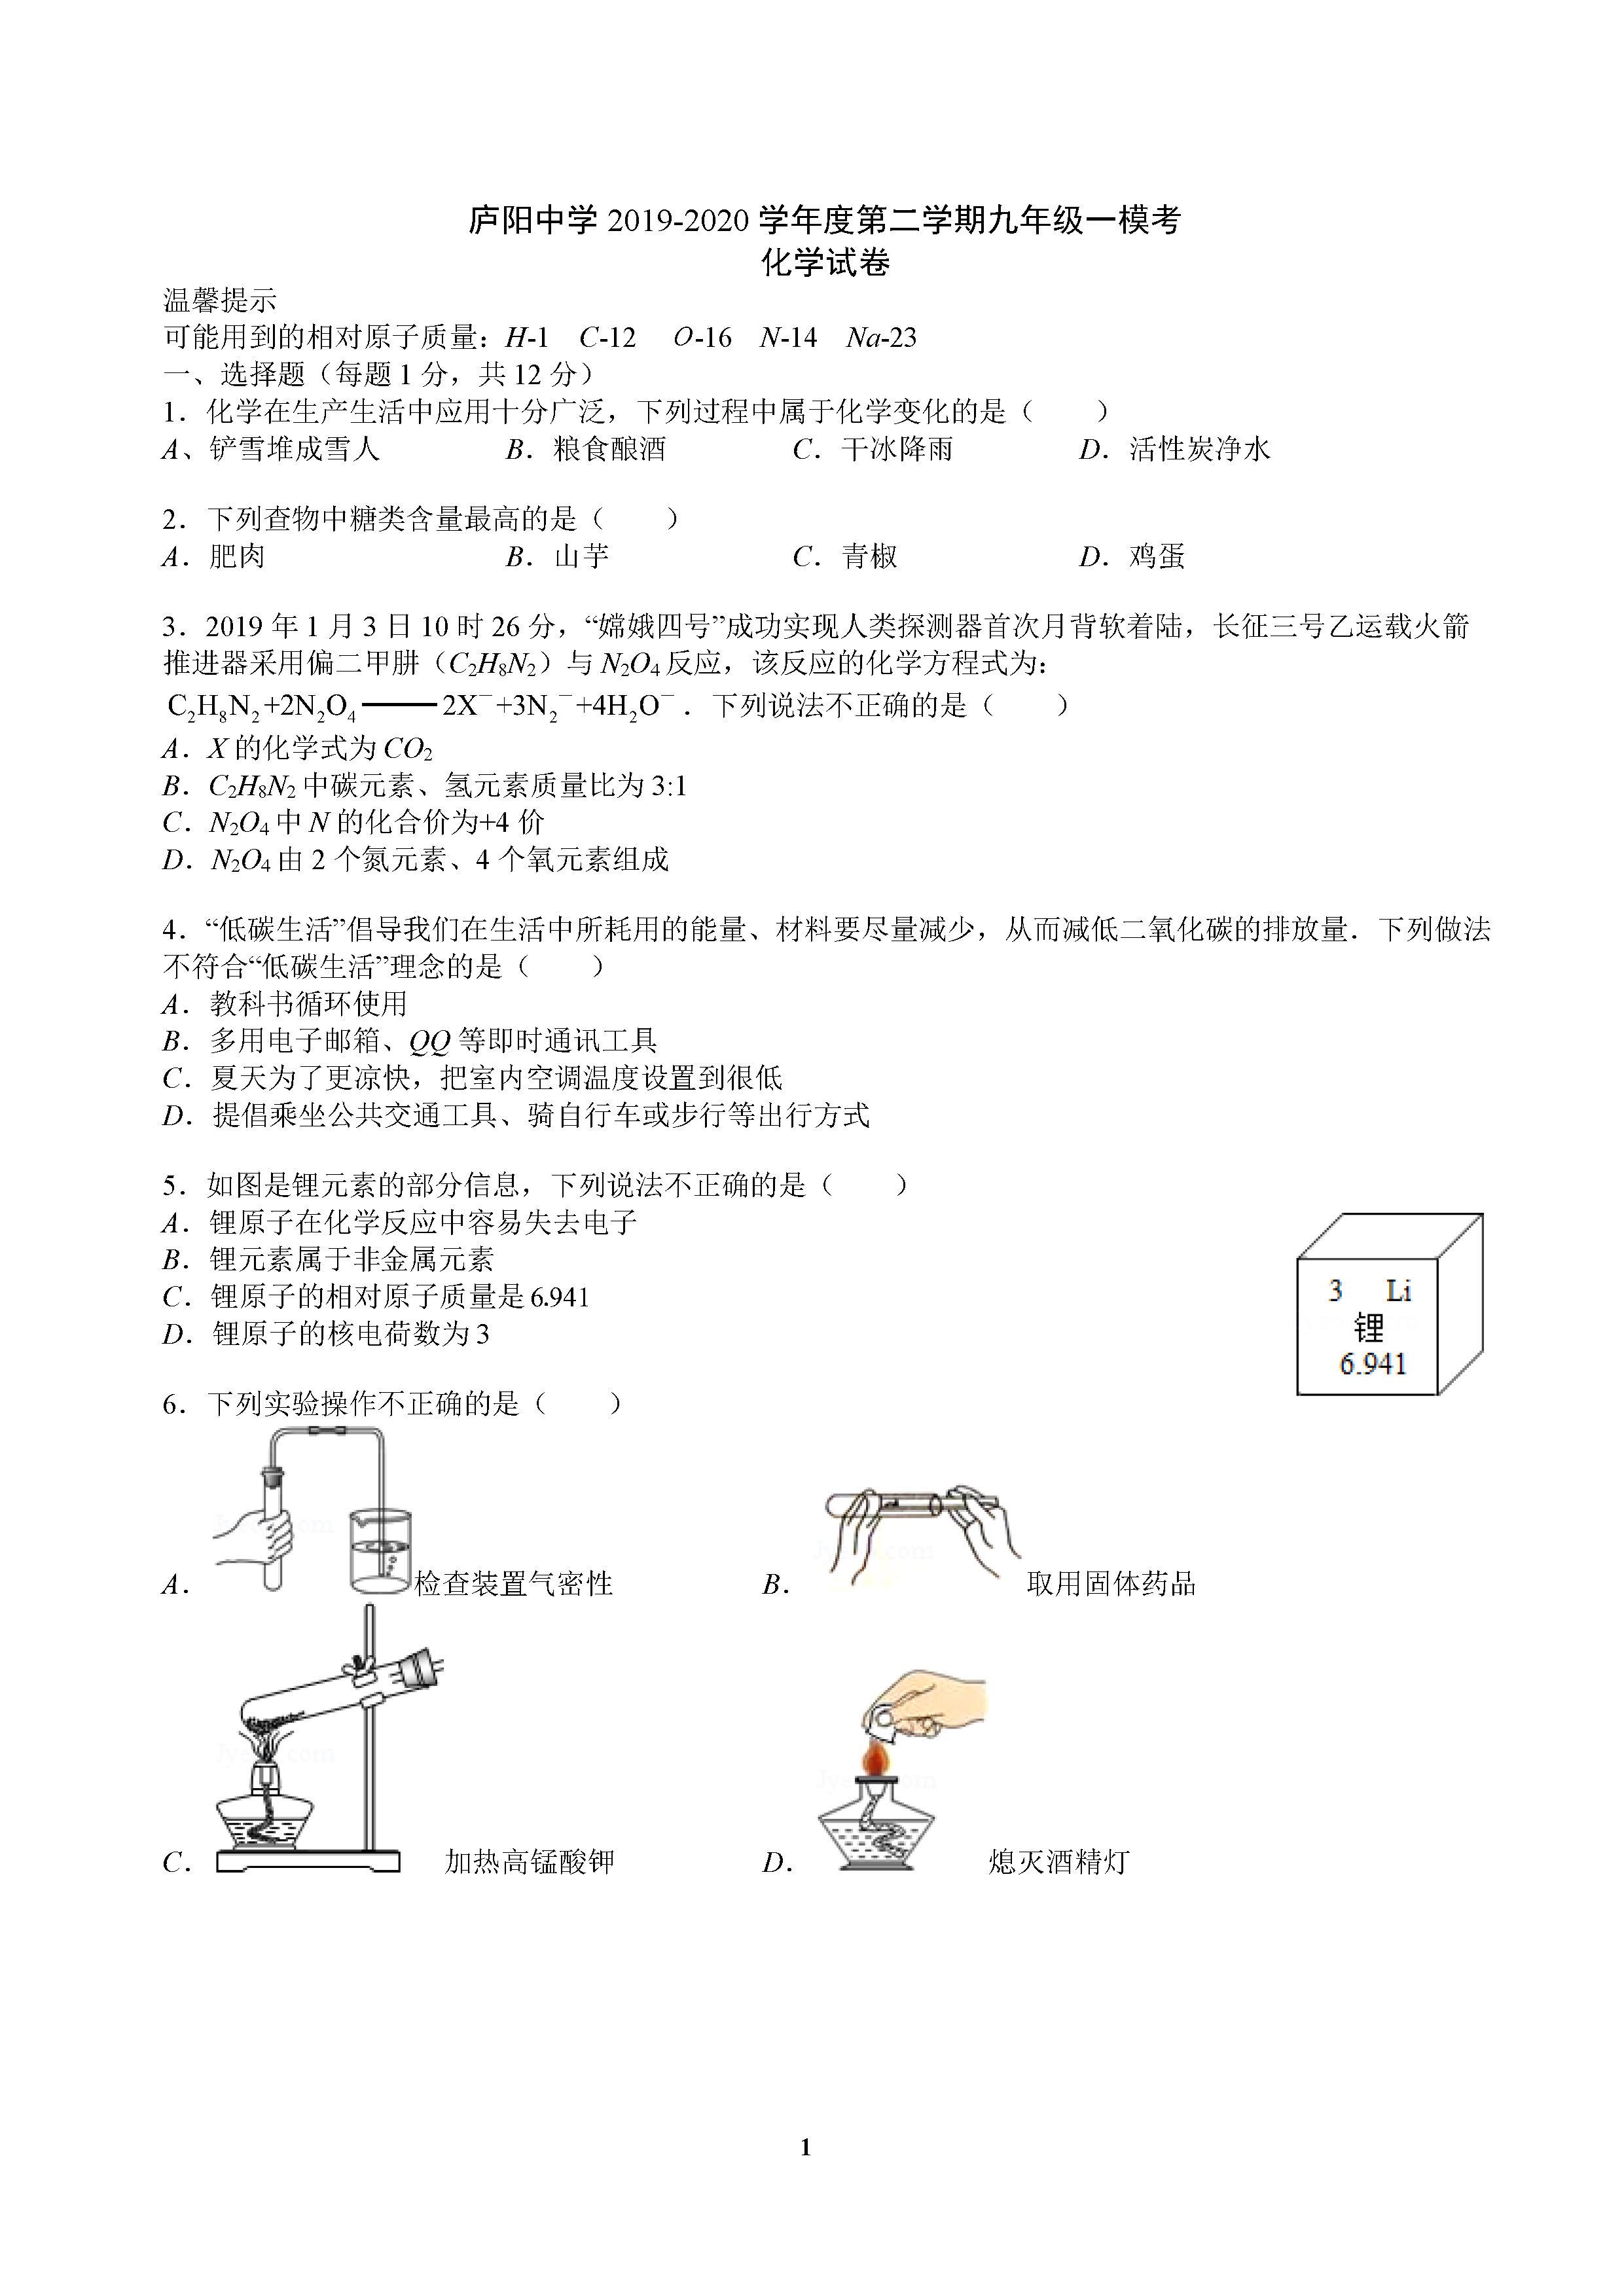 2020庐阳中学初三一诊化学试题答案(PDF下载版)